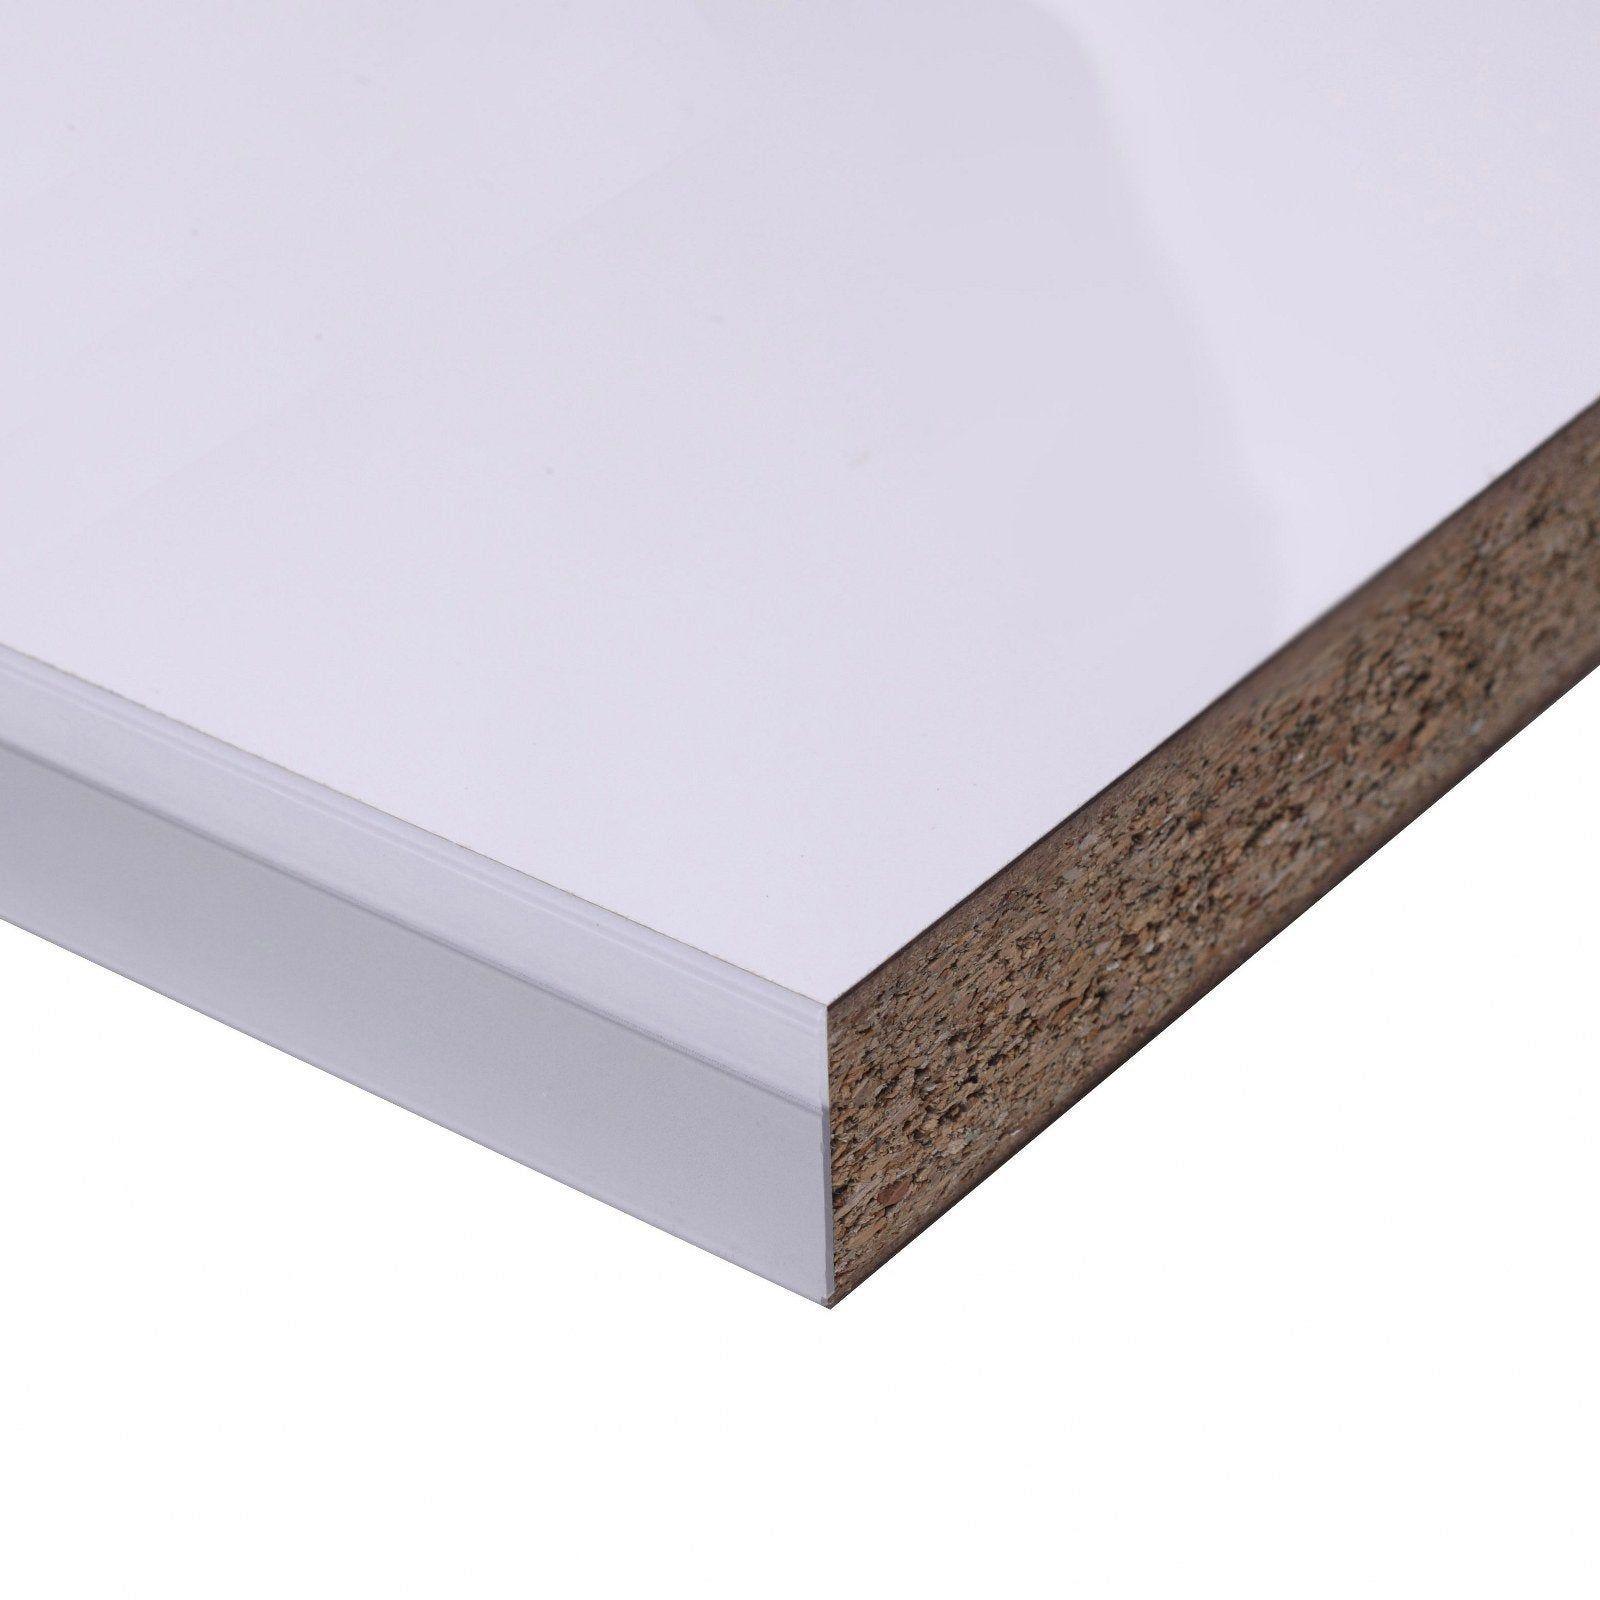 Plan De Travail Laminé plan de travail stratifié brillant l.315 x p.65 cm, ep.38 mm